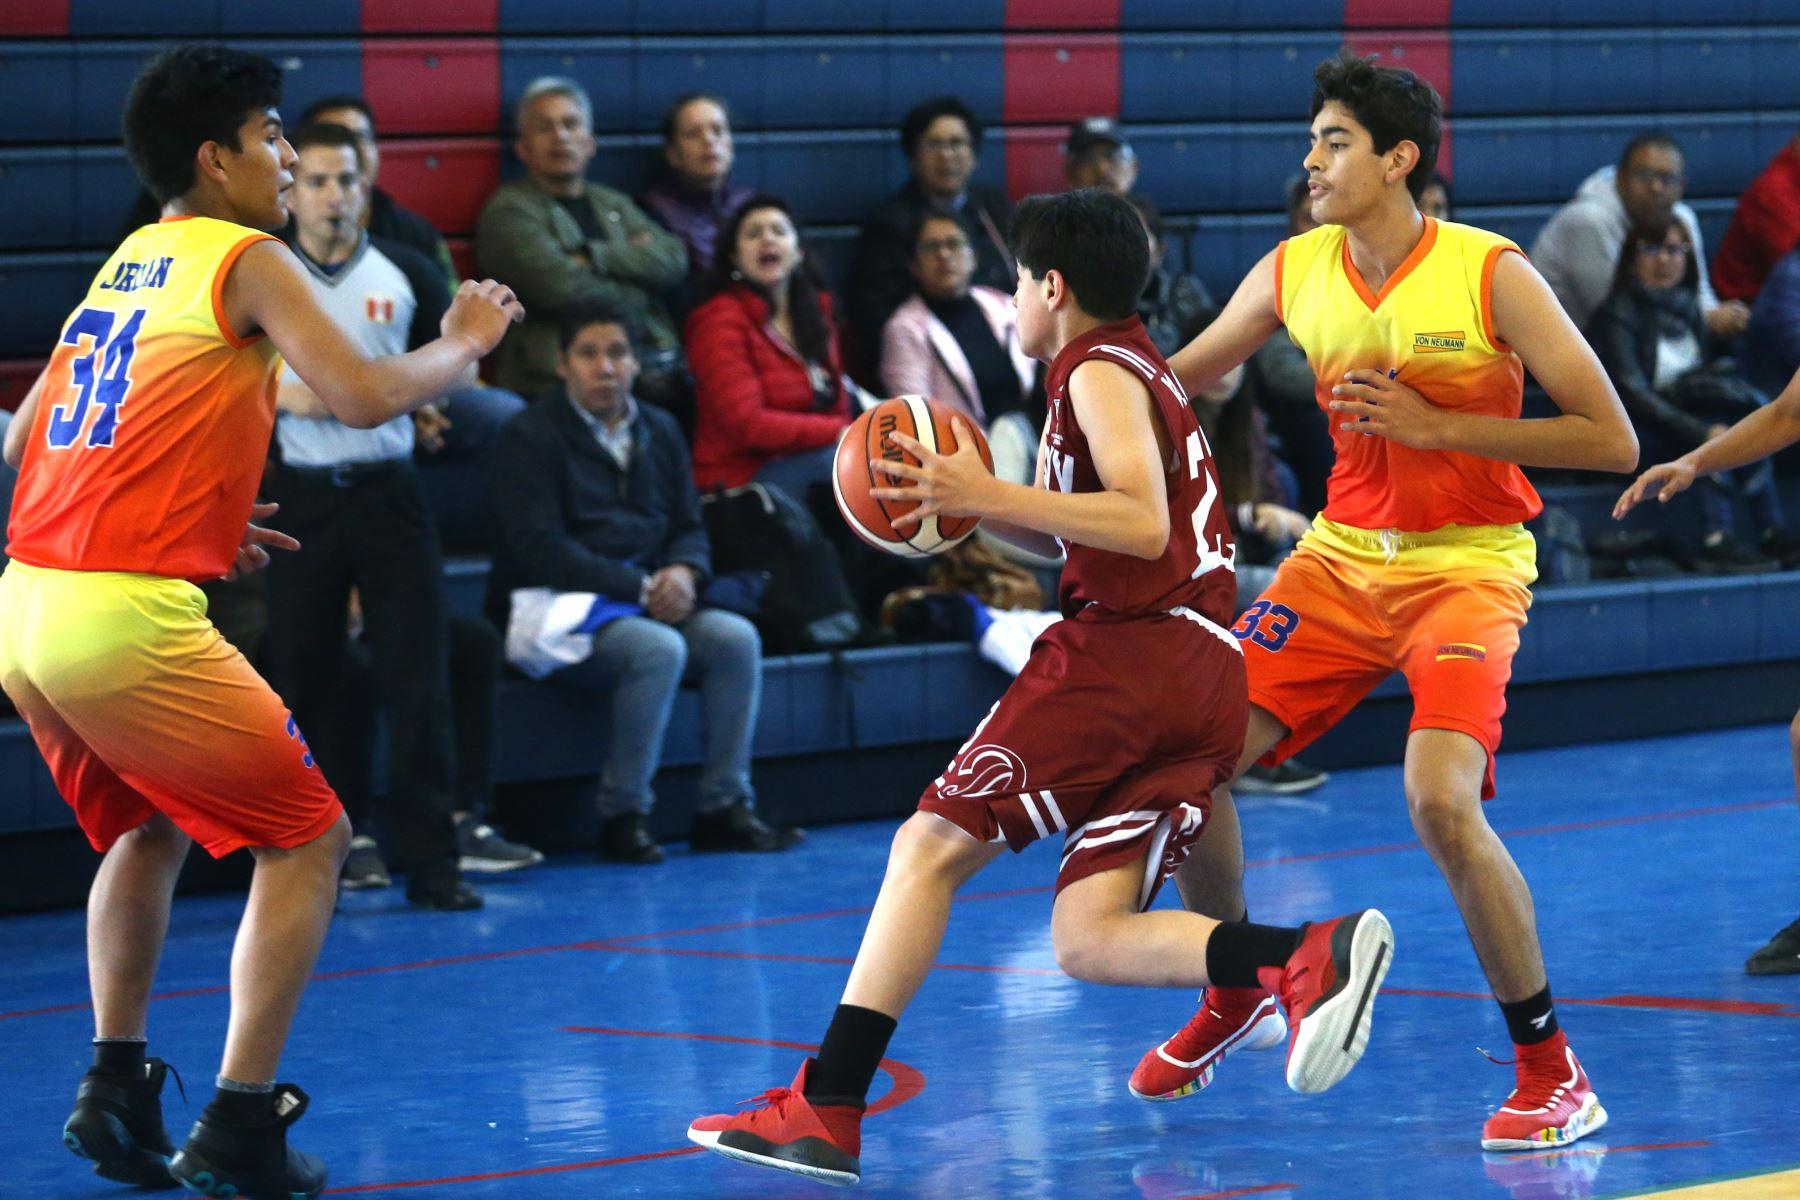 Colegio Davy (Cajamarca) disputa encuentro con el colegio Von Neuman de Huanuco en los Juegos Deportivos Escolares Nacionales desarrollado en el colegio La Recoleta de La Molina. Foto: ANDINA/Vidal Tarqui